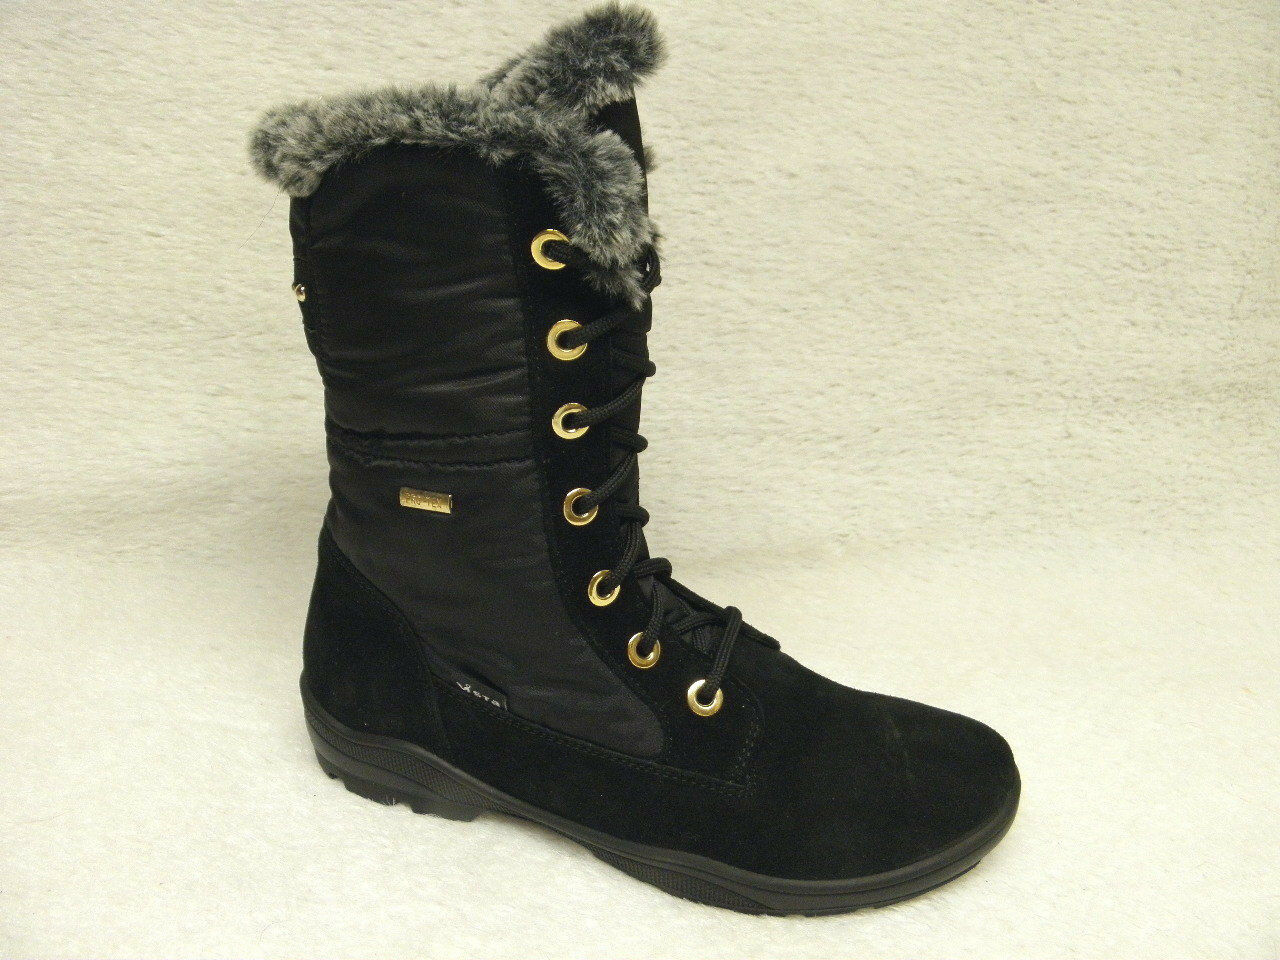 Vista ® ® ® rebajas, rojouce, hasta ahora  nieve botas botas de invierno (z203)  comprar marca